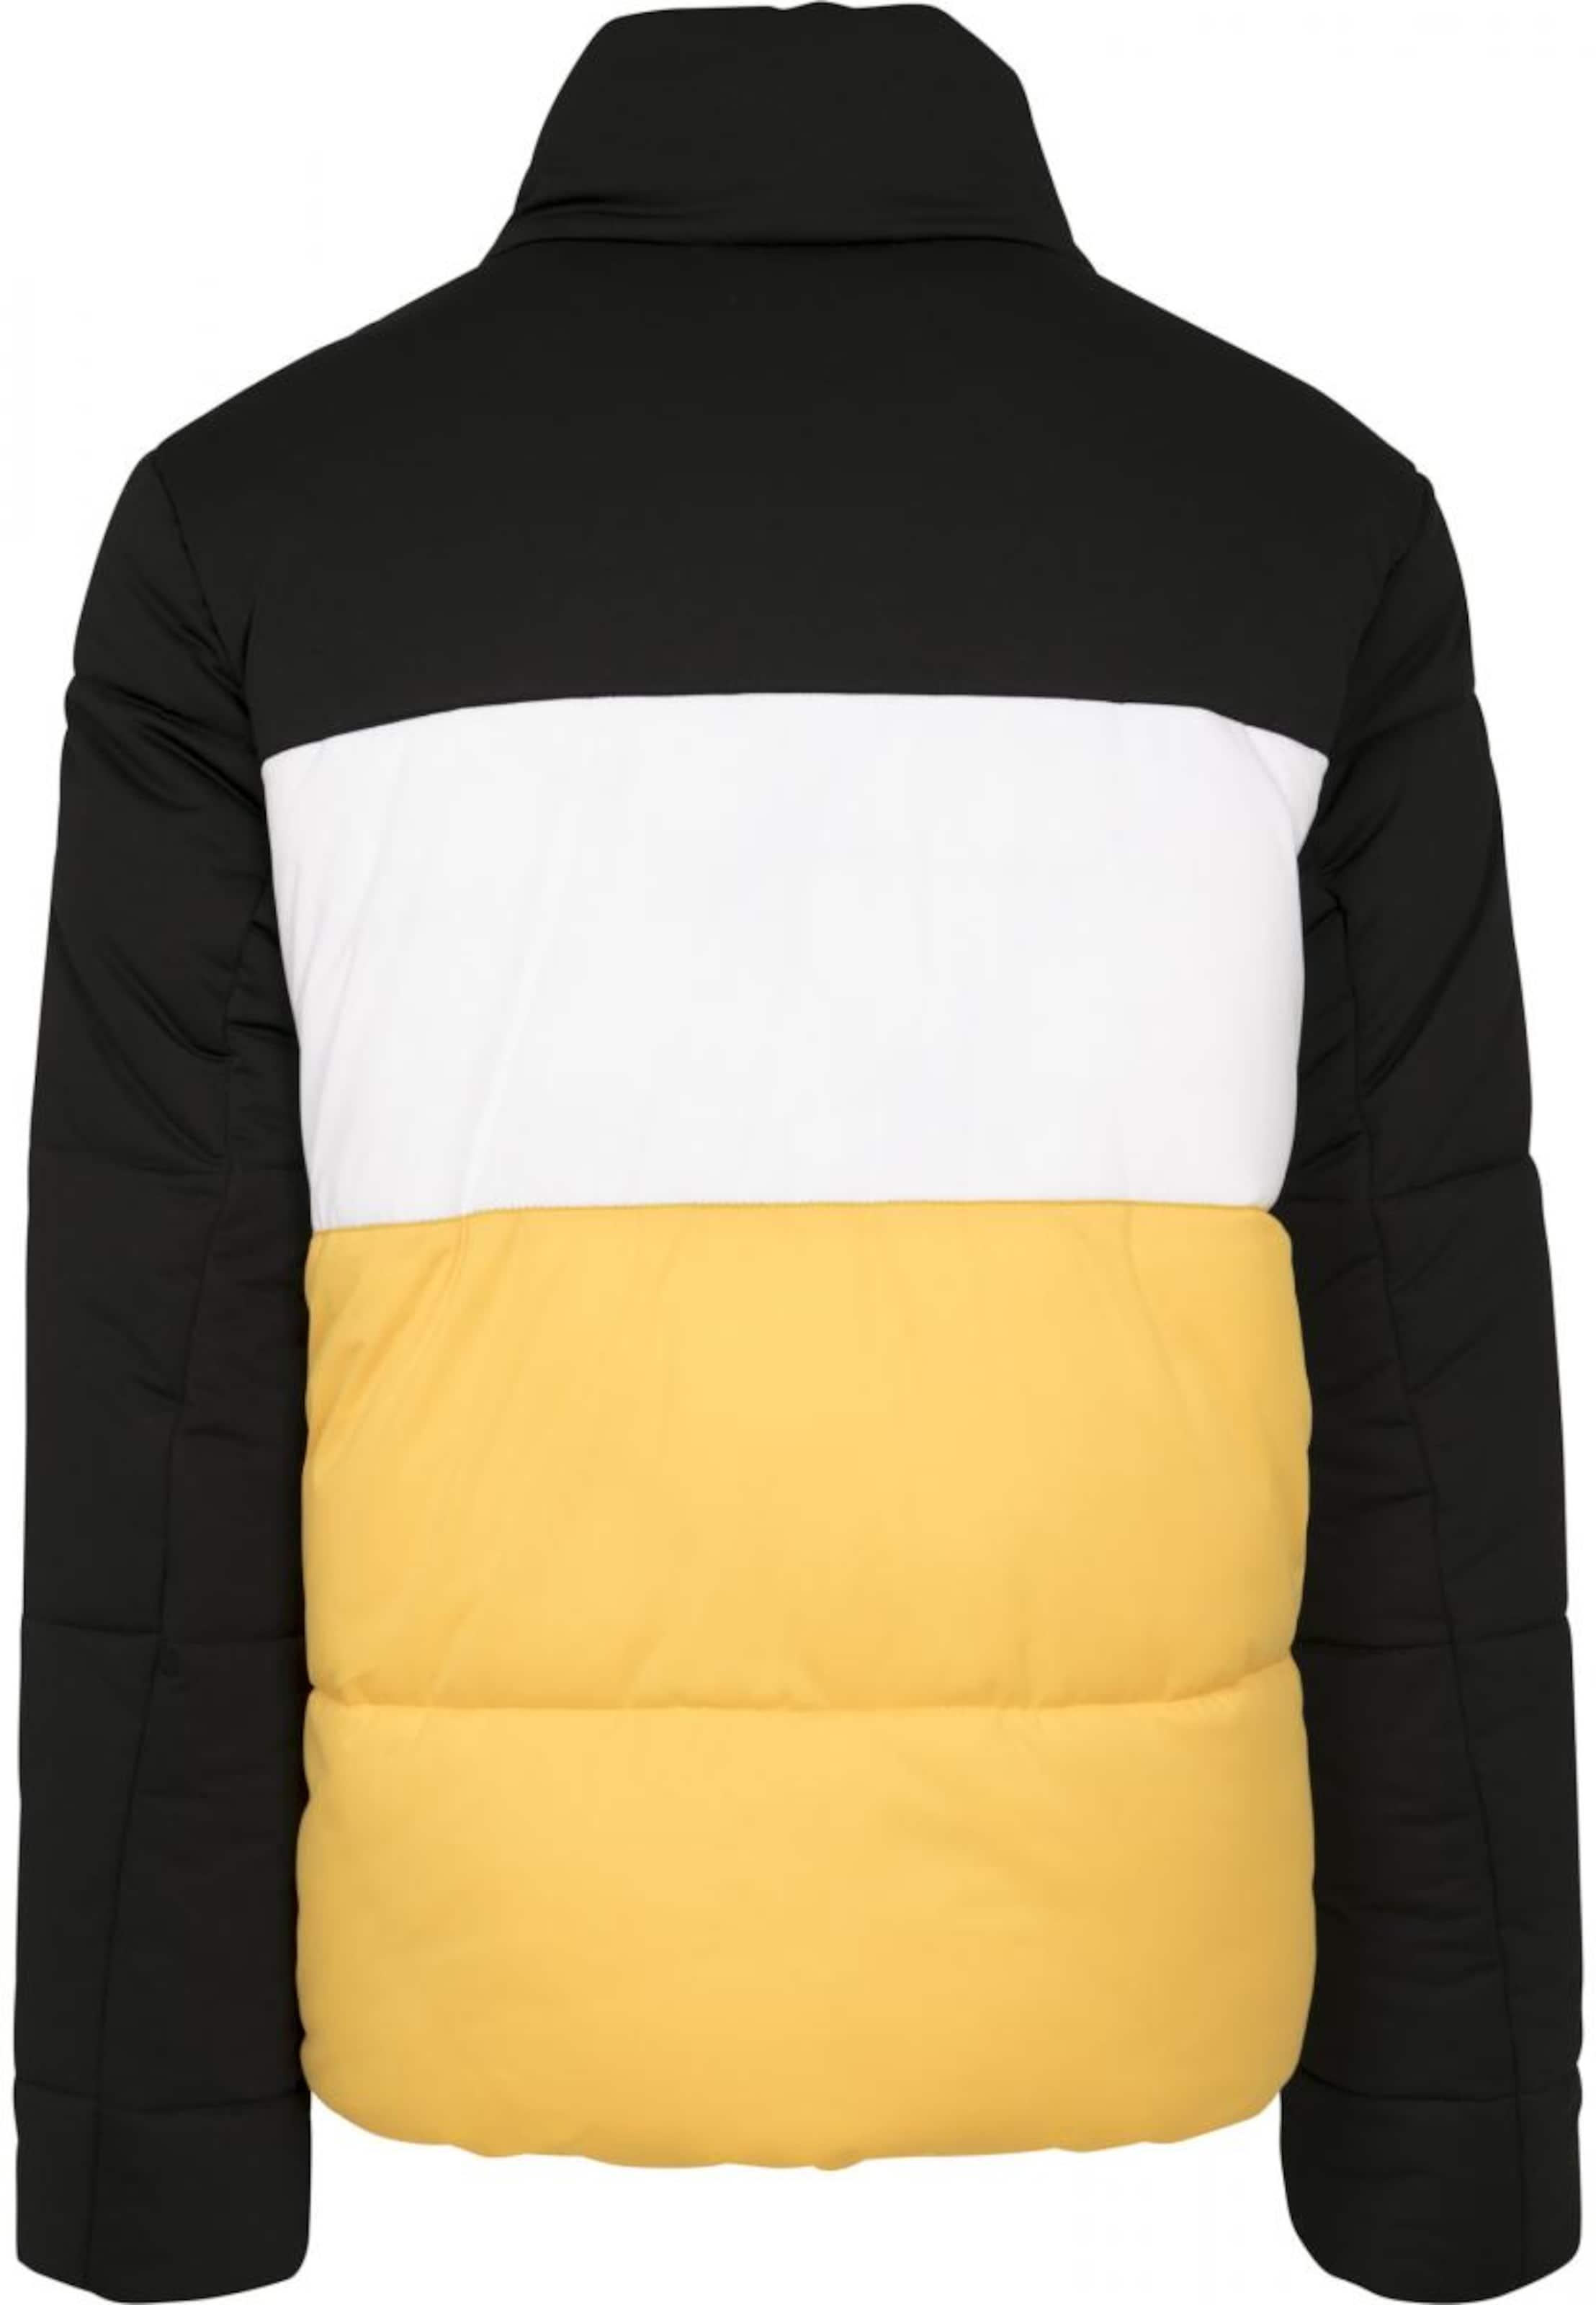 Classics In Mischfarben Mischfarben Jacket In Classics Jacket Jacket Urban Urban Classics Urban k80wXNPOn